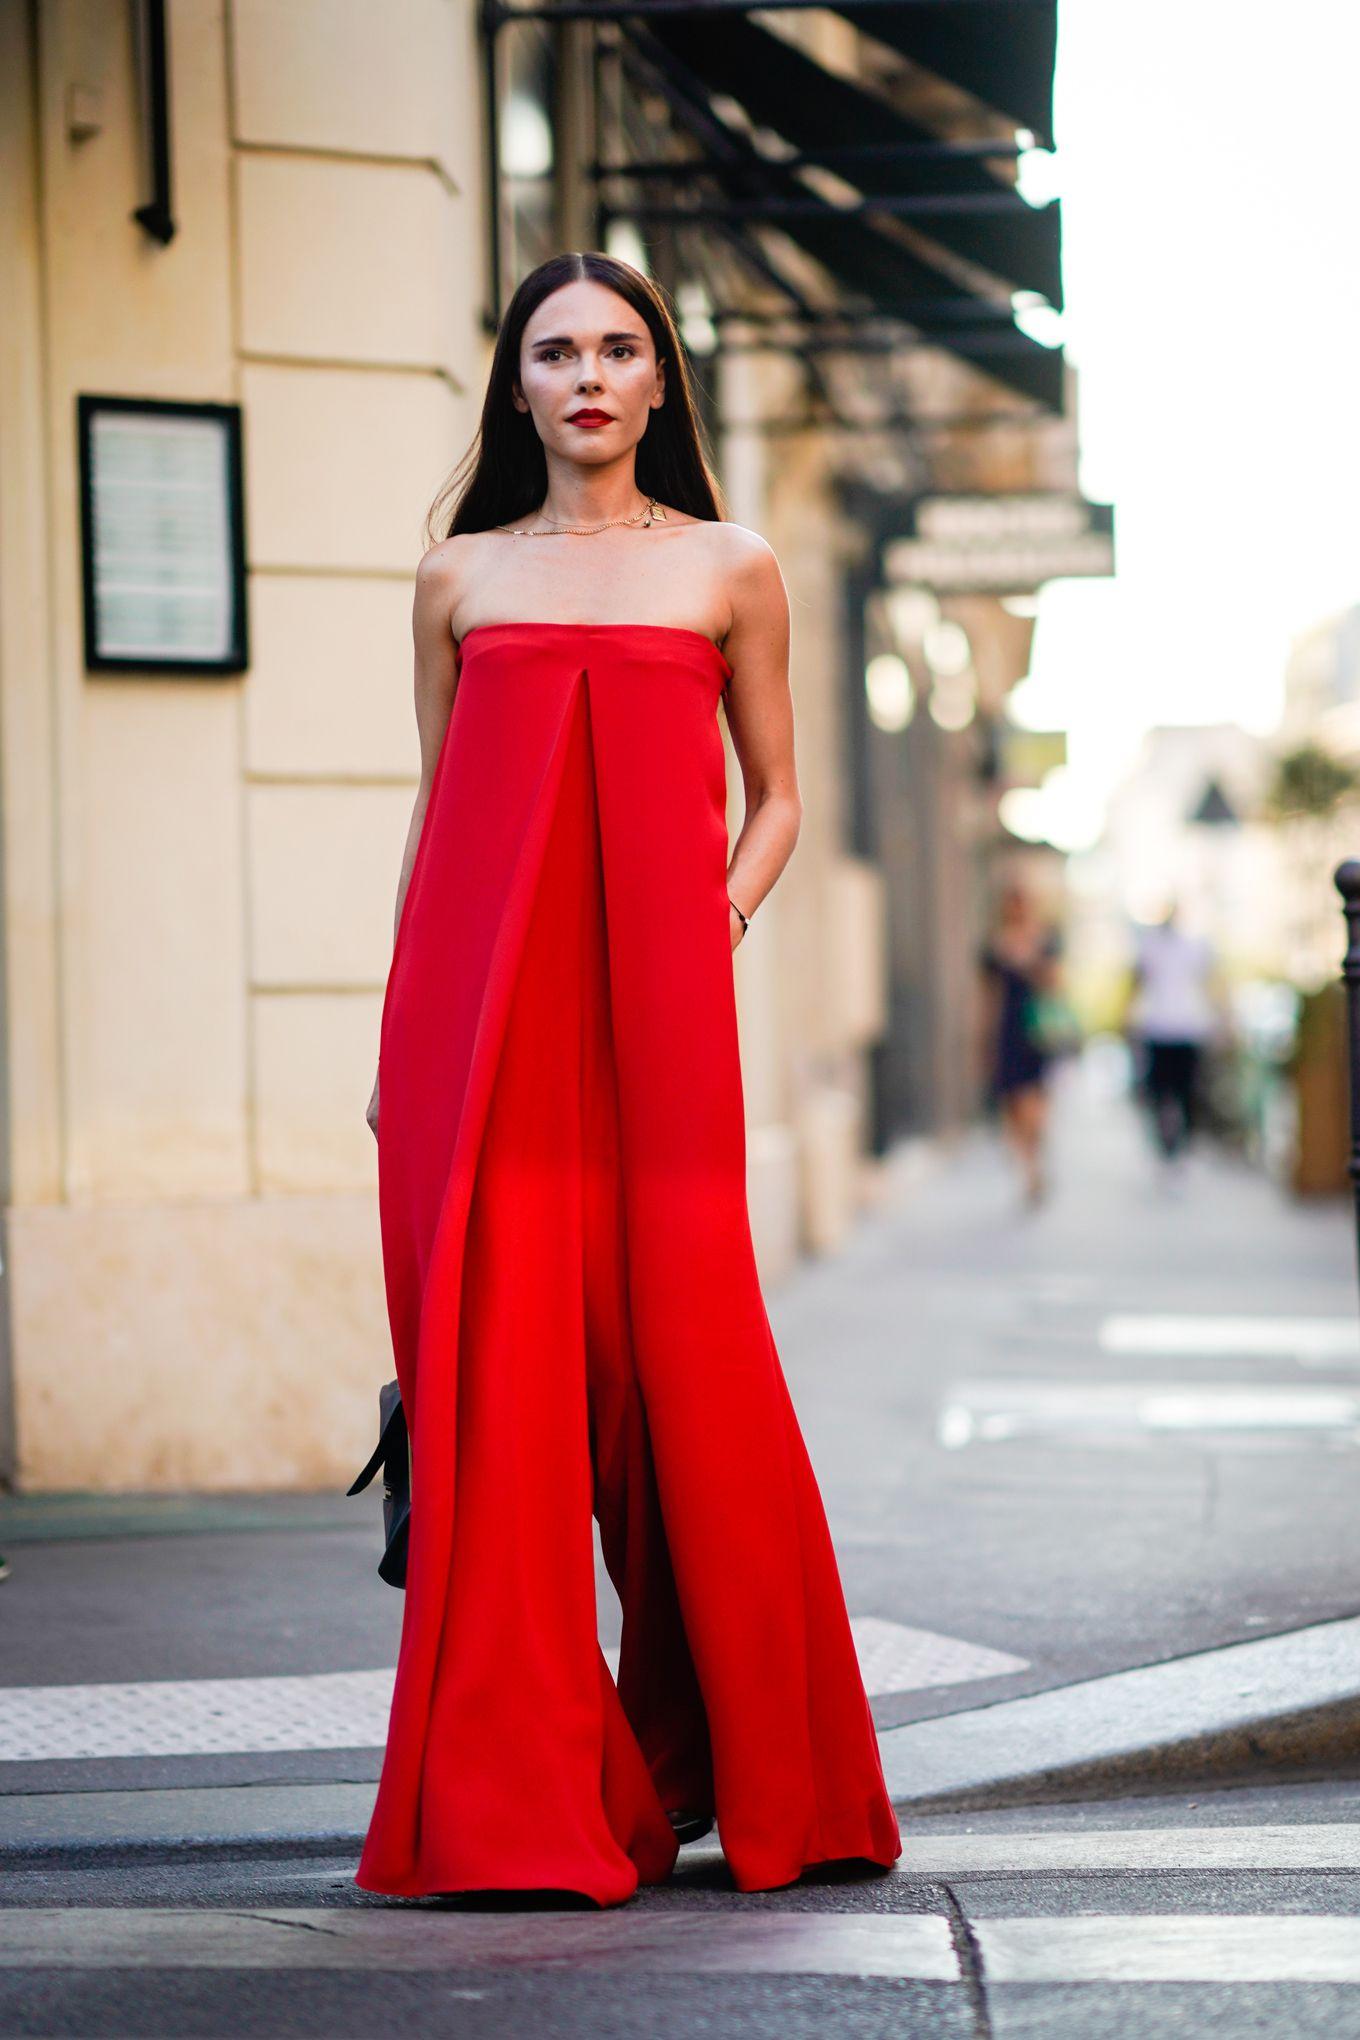 0fed8b1219d0 ... Natale colore vestito rosso. outfit capodanno 2019 abiti outfit capodanno  2019 abiti. È ora di fare di conti con il glamour moda autunno inverno 2019